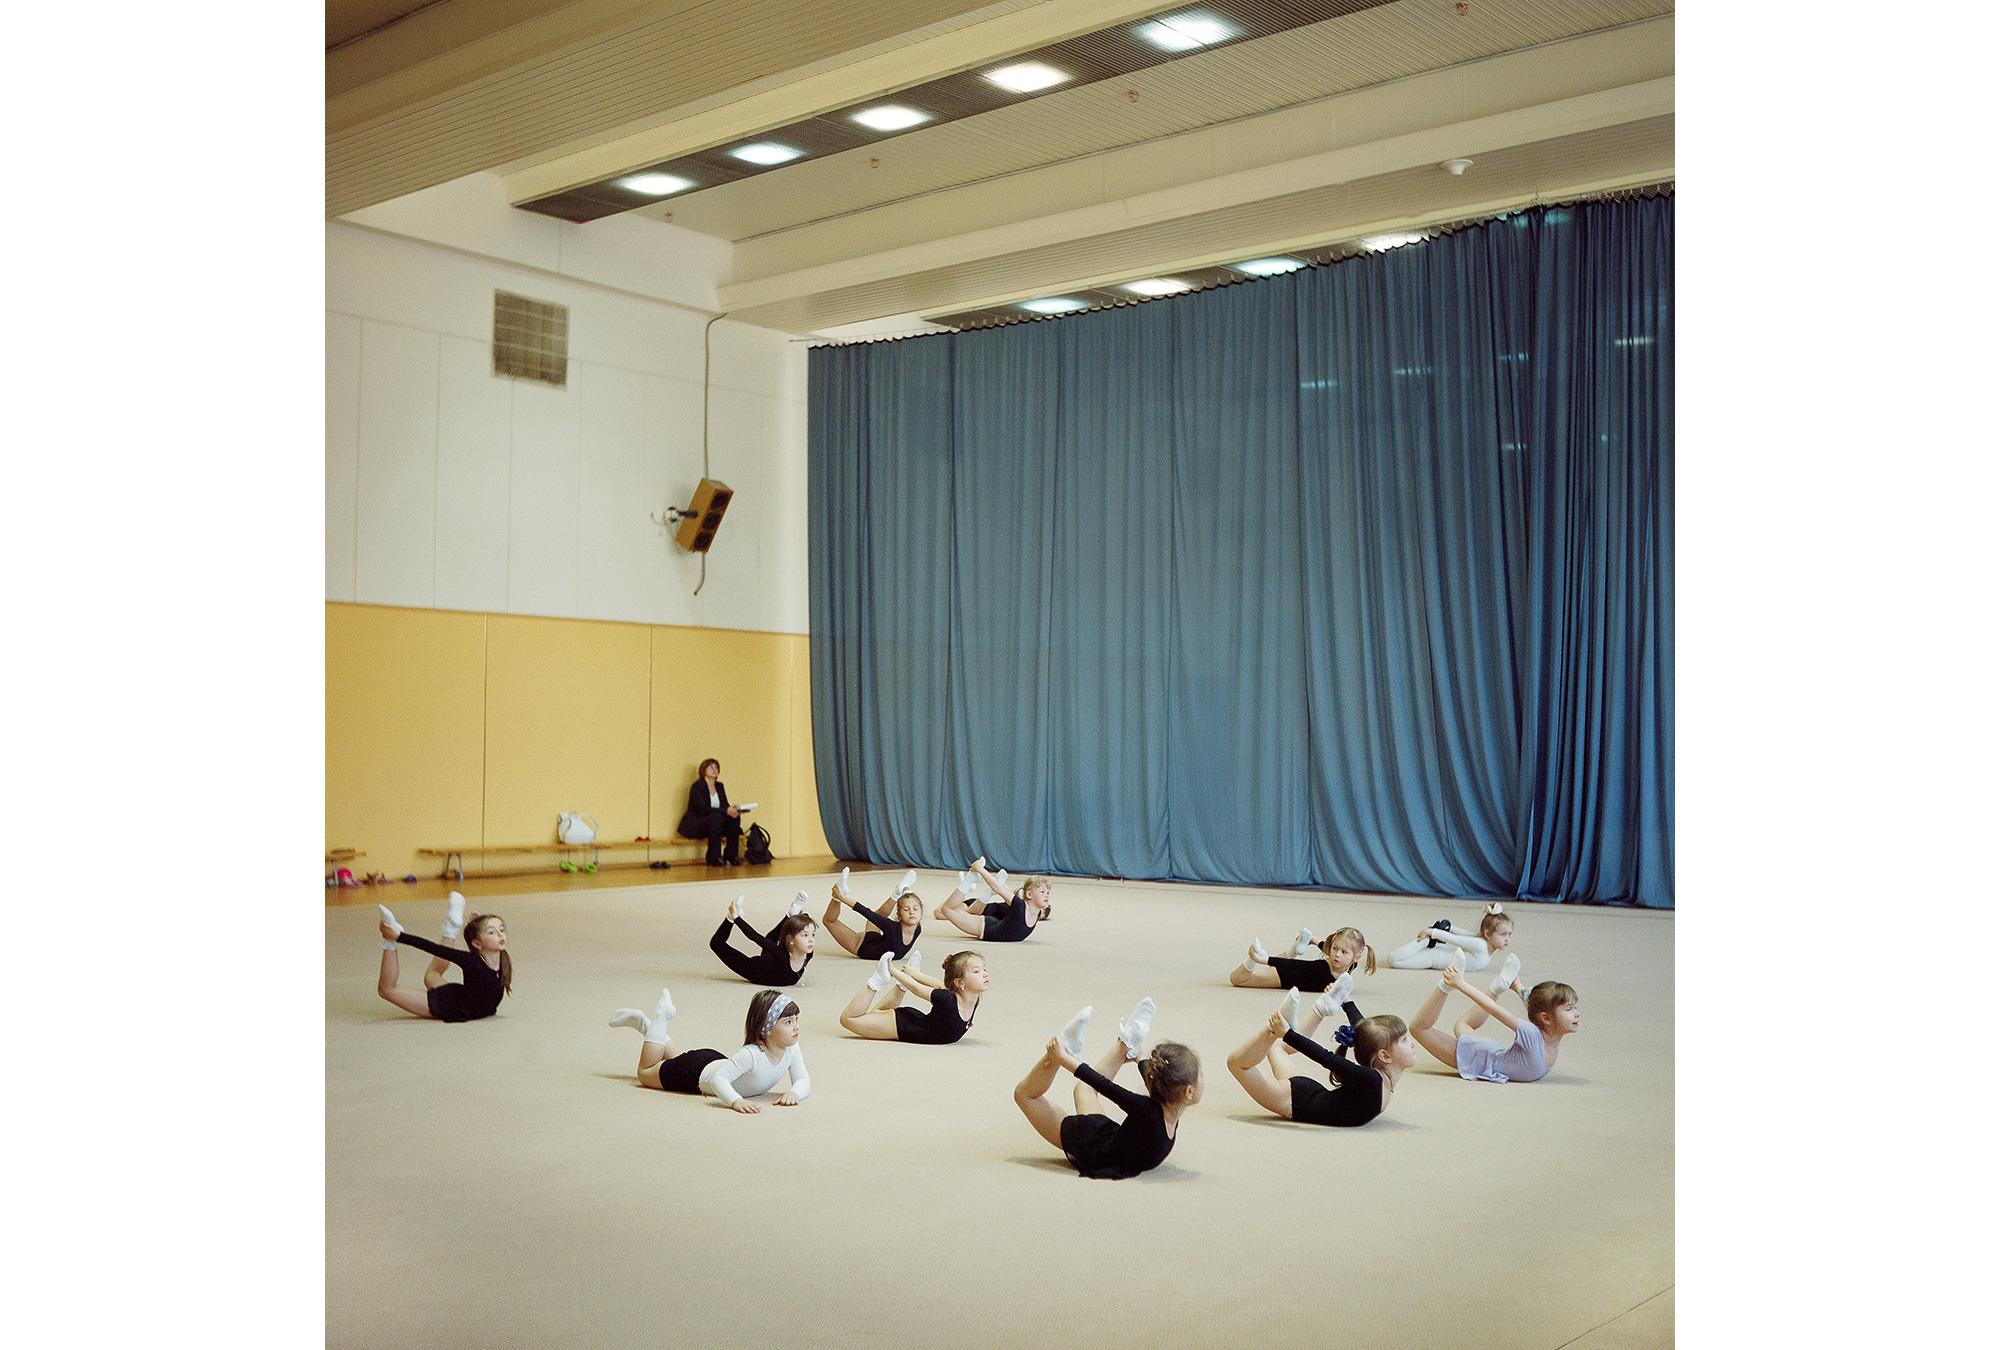 In der kleinen Gymnastikhalle des Olympiakomplexes turnten seinerzeit nicht die Kleinen – sondern die Großen ihrer Disziplin mit Band und Ball.